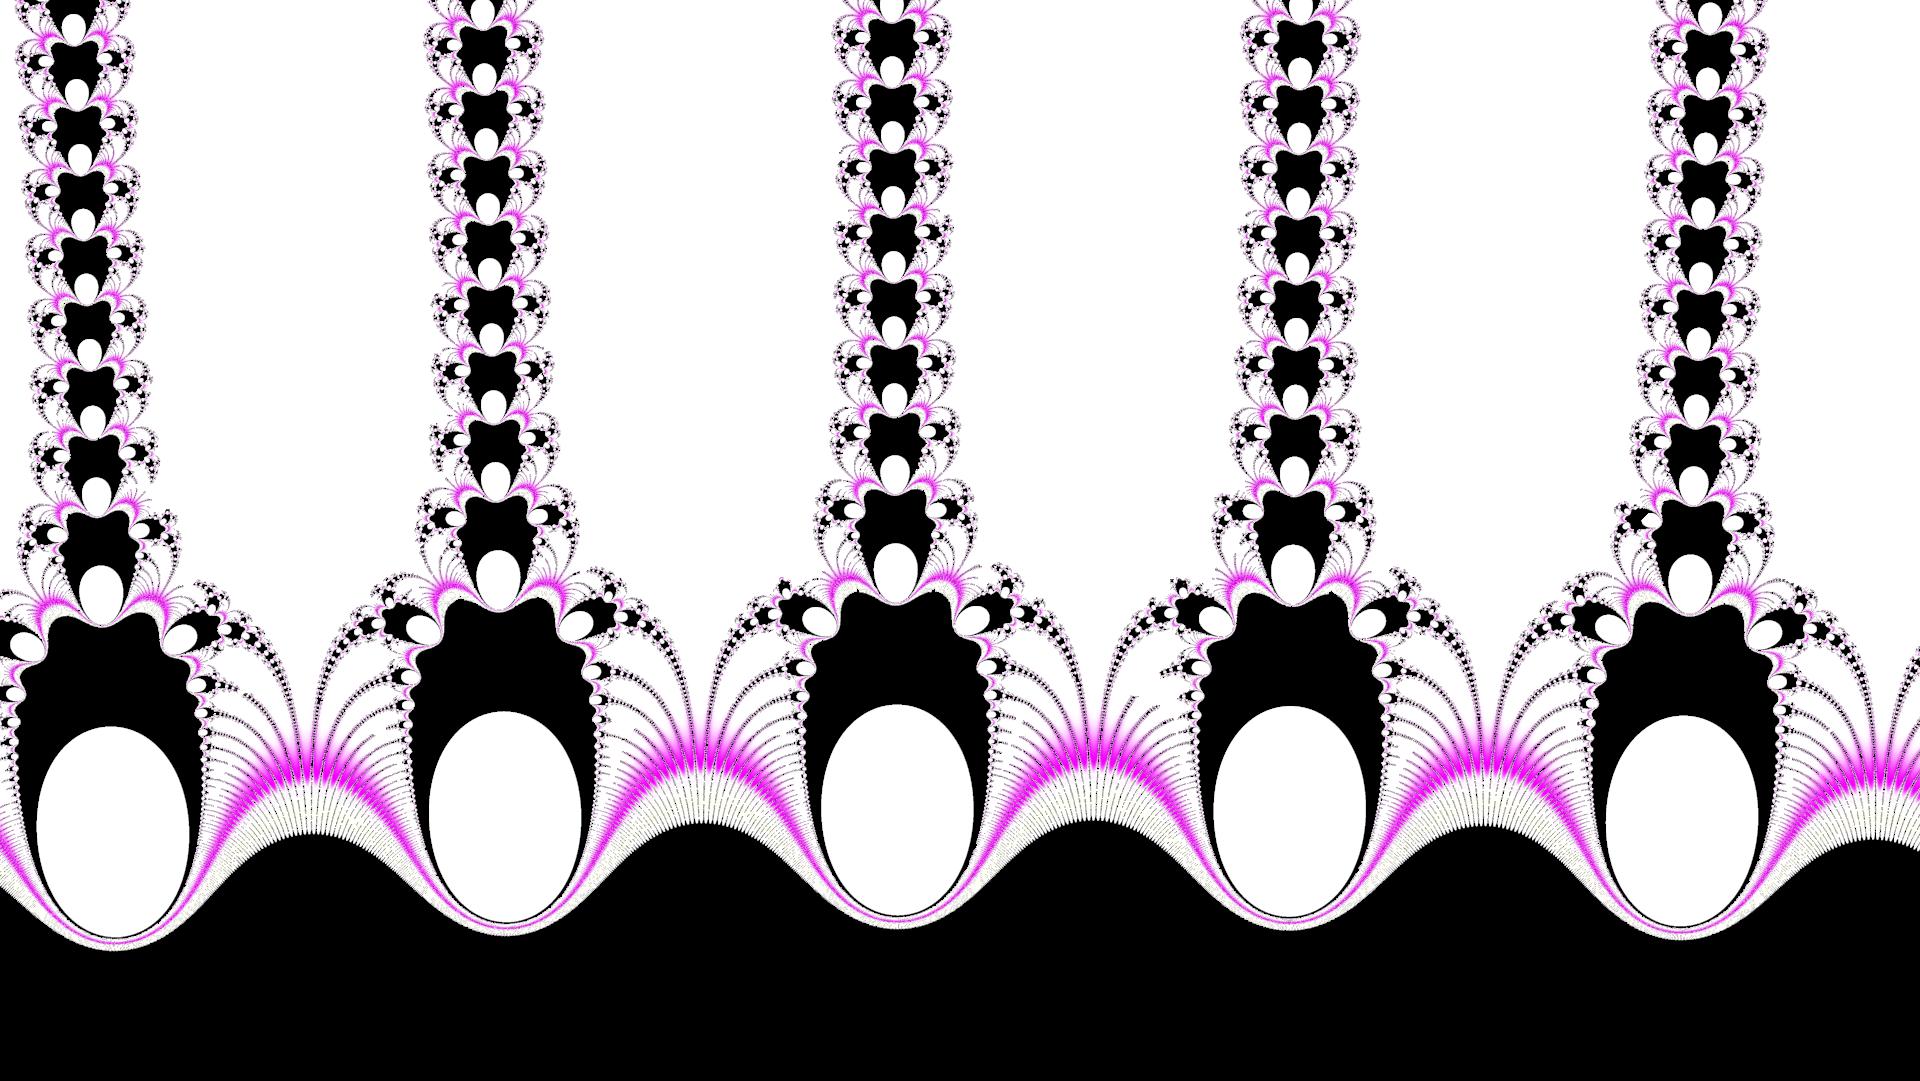 ・おしゃれなチェーンリング壁紙素材:ピンク